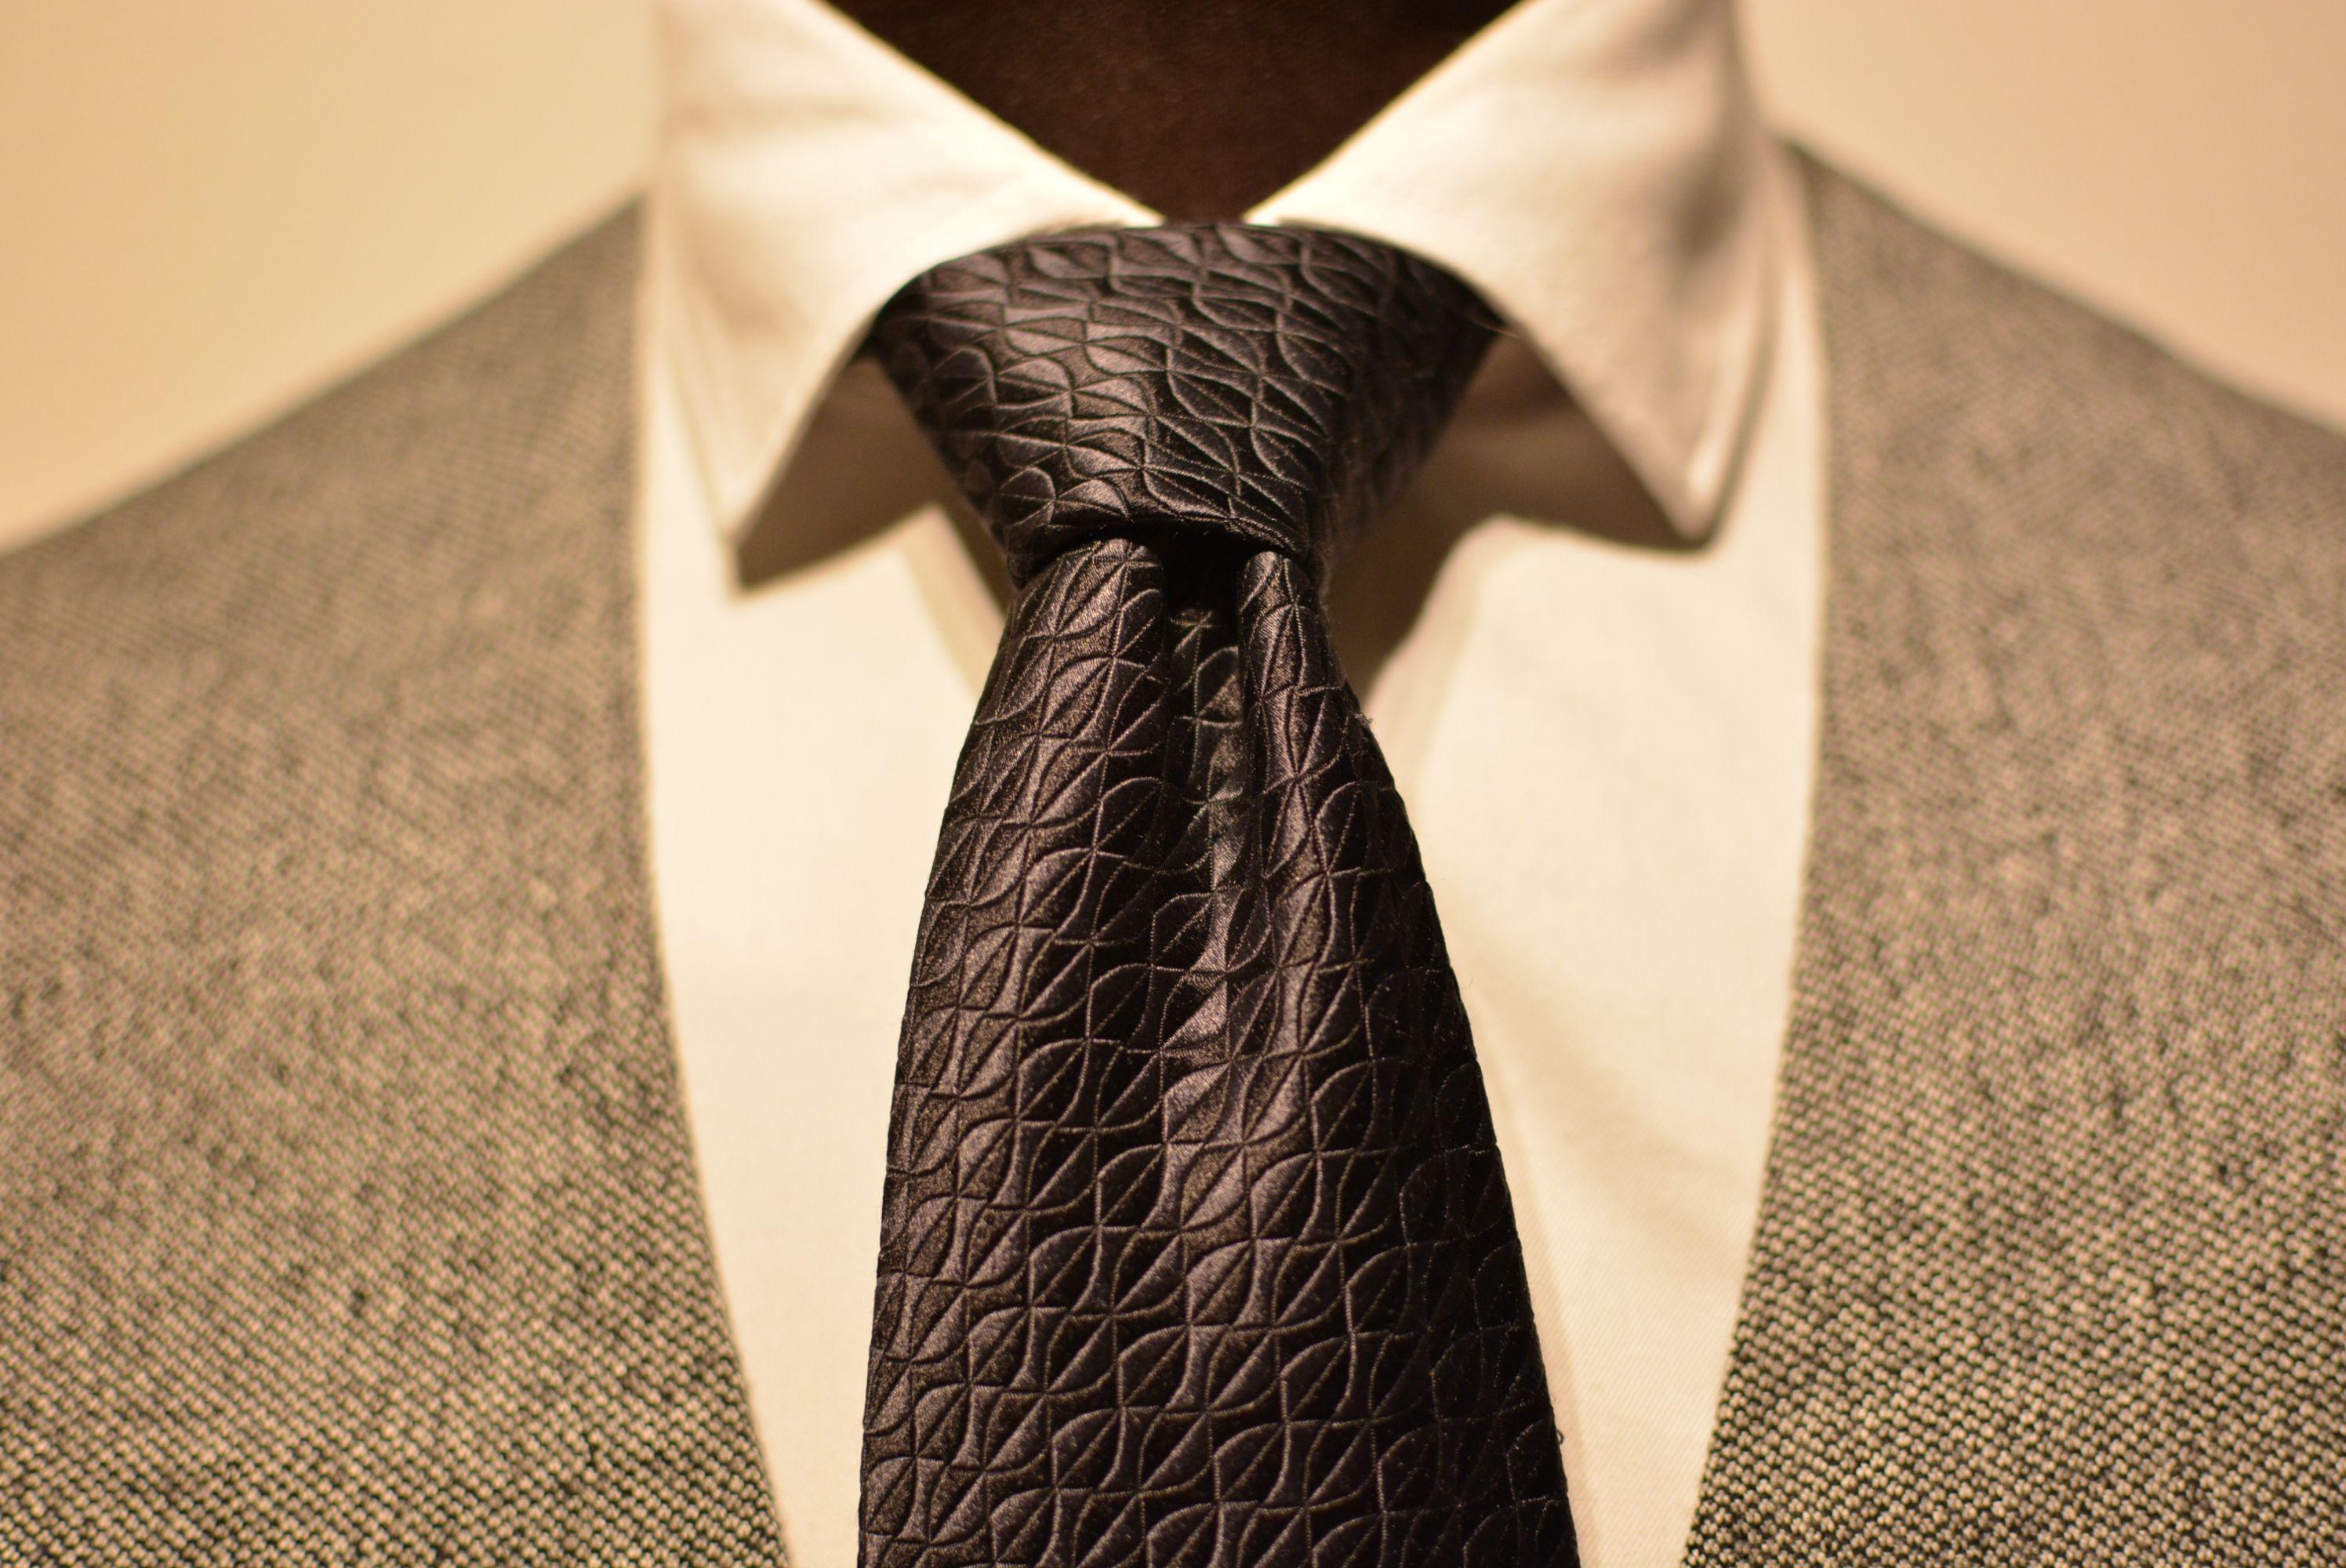 Dimple on pieni taitos kravatin solmun alla. Se kuuluu jokaisen herrasmiehen kravattiin. http://www.raatalistudio.fi/